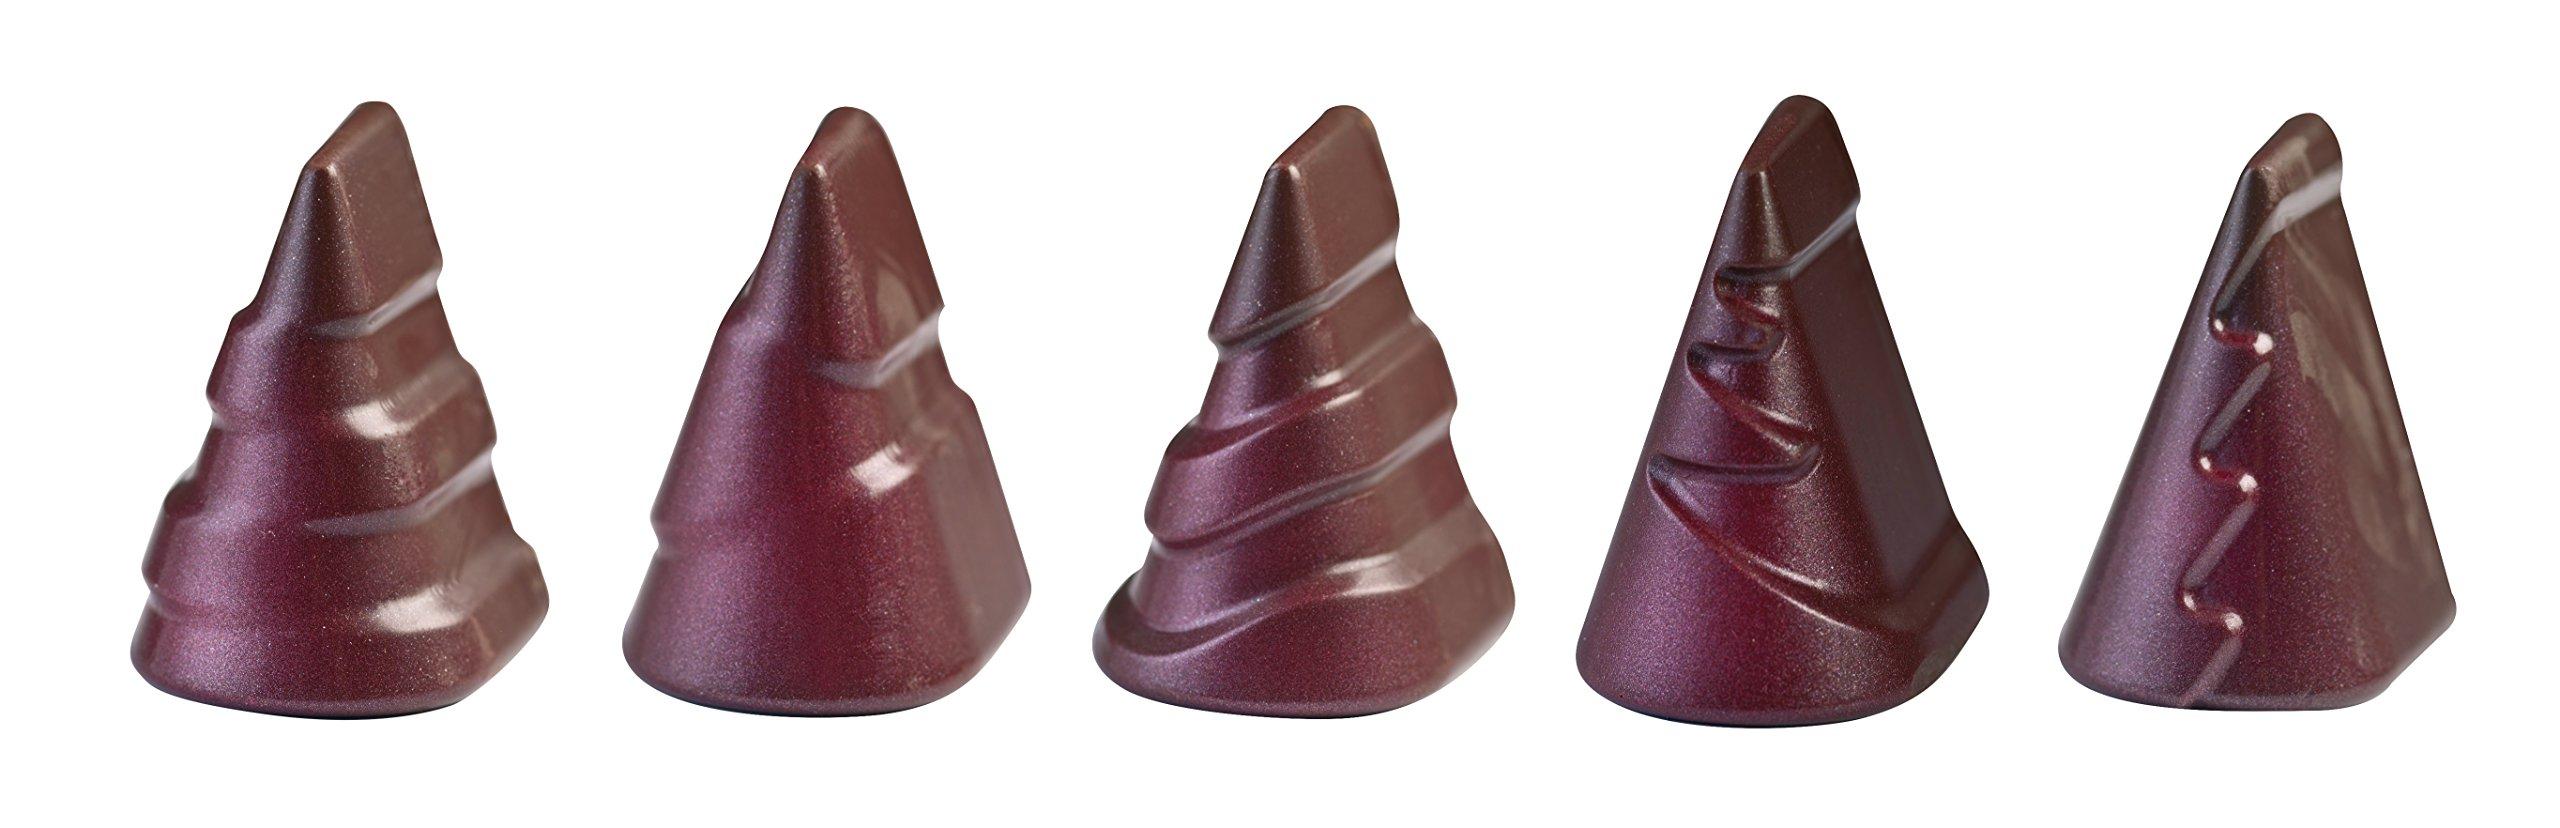 Chocolate Mould Cm 17,5x27,5 Polycarbonate